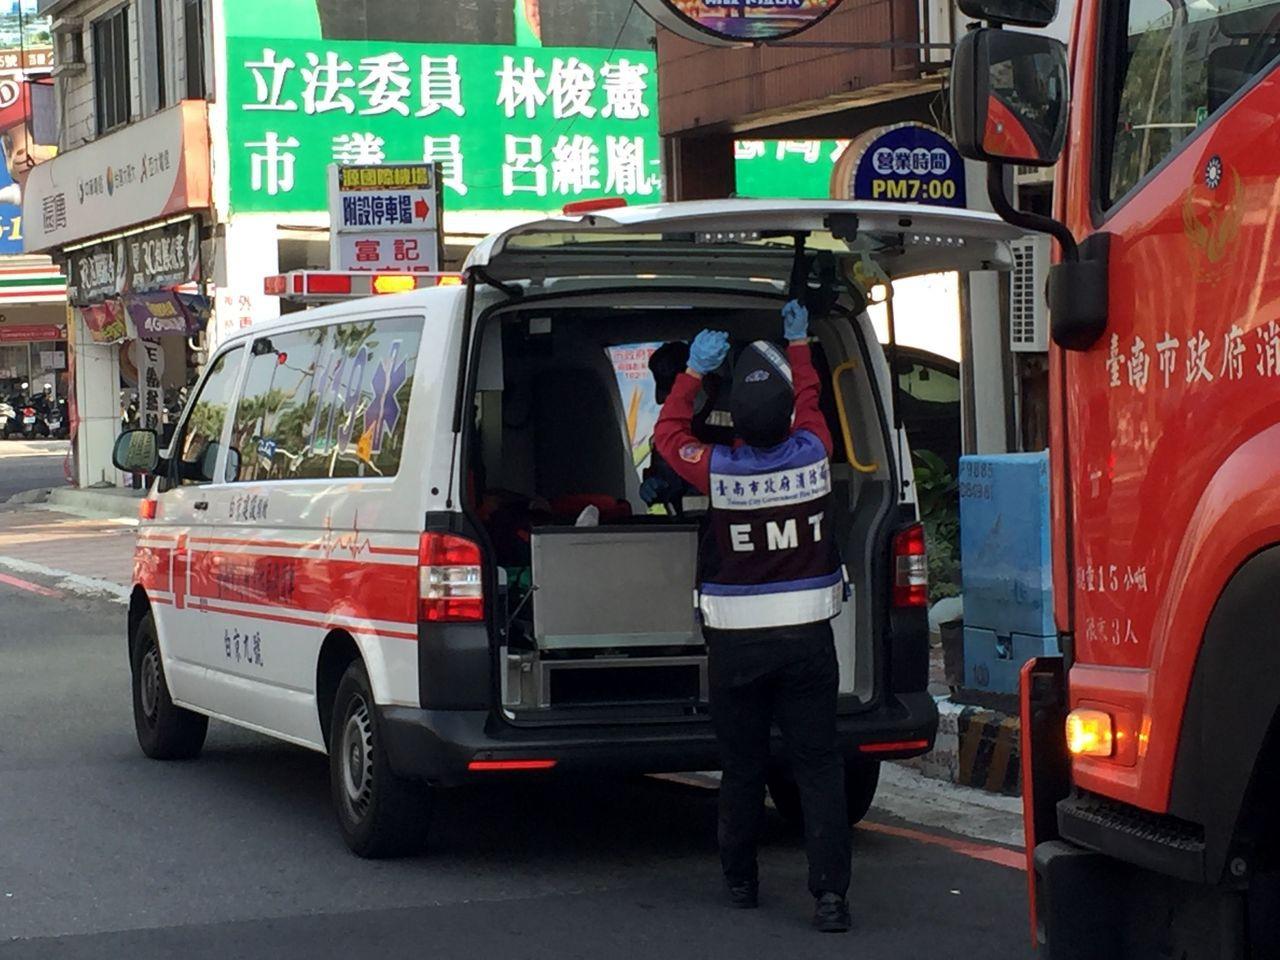 救護人員架梯將他救了下來,所幸人意識清楚、左腿骨折等外傷。記者邵心杰/攝影